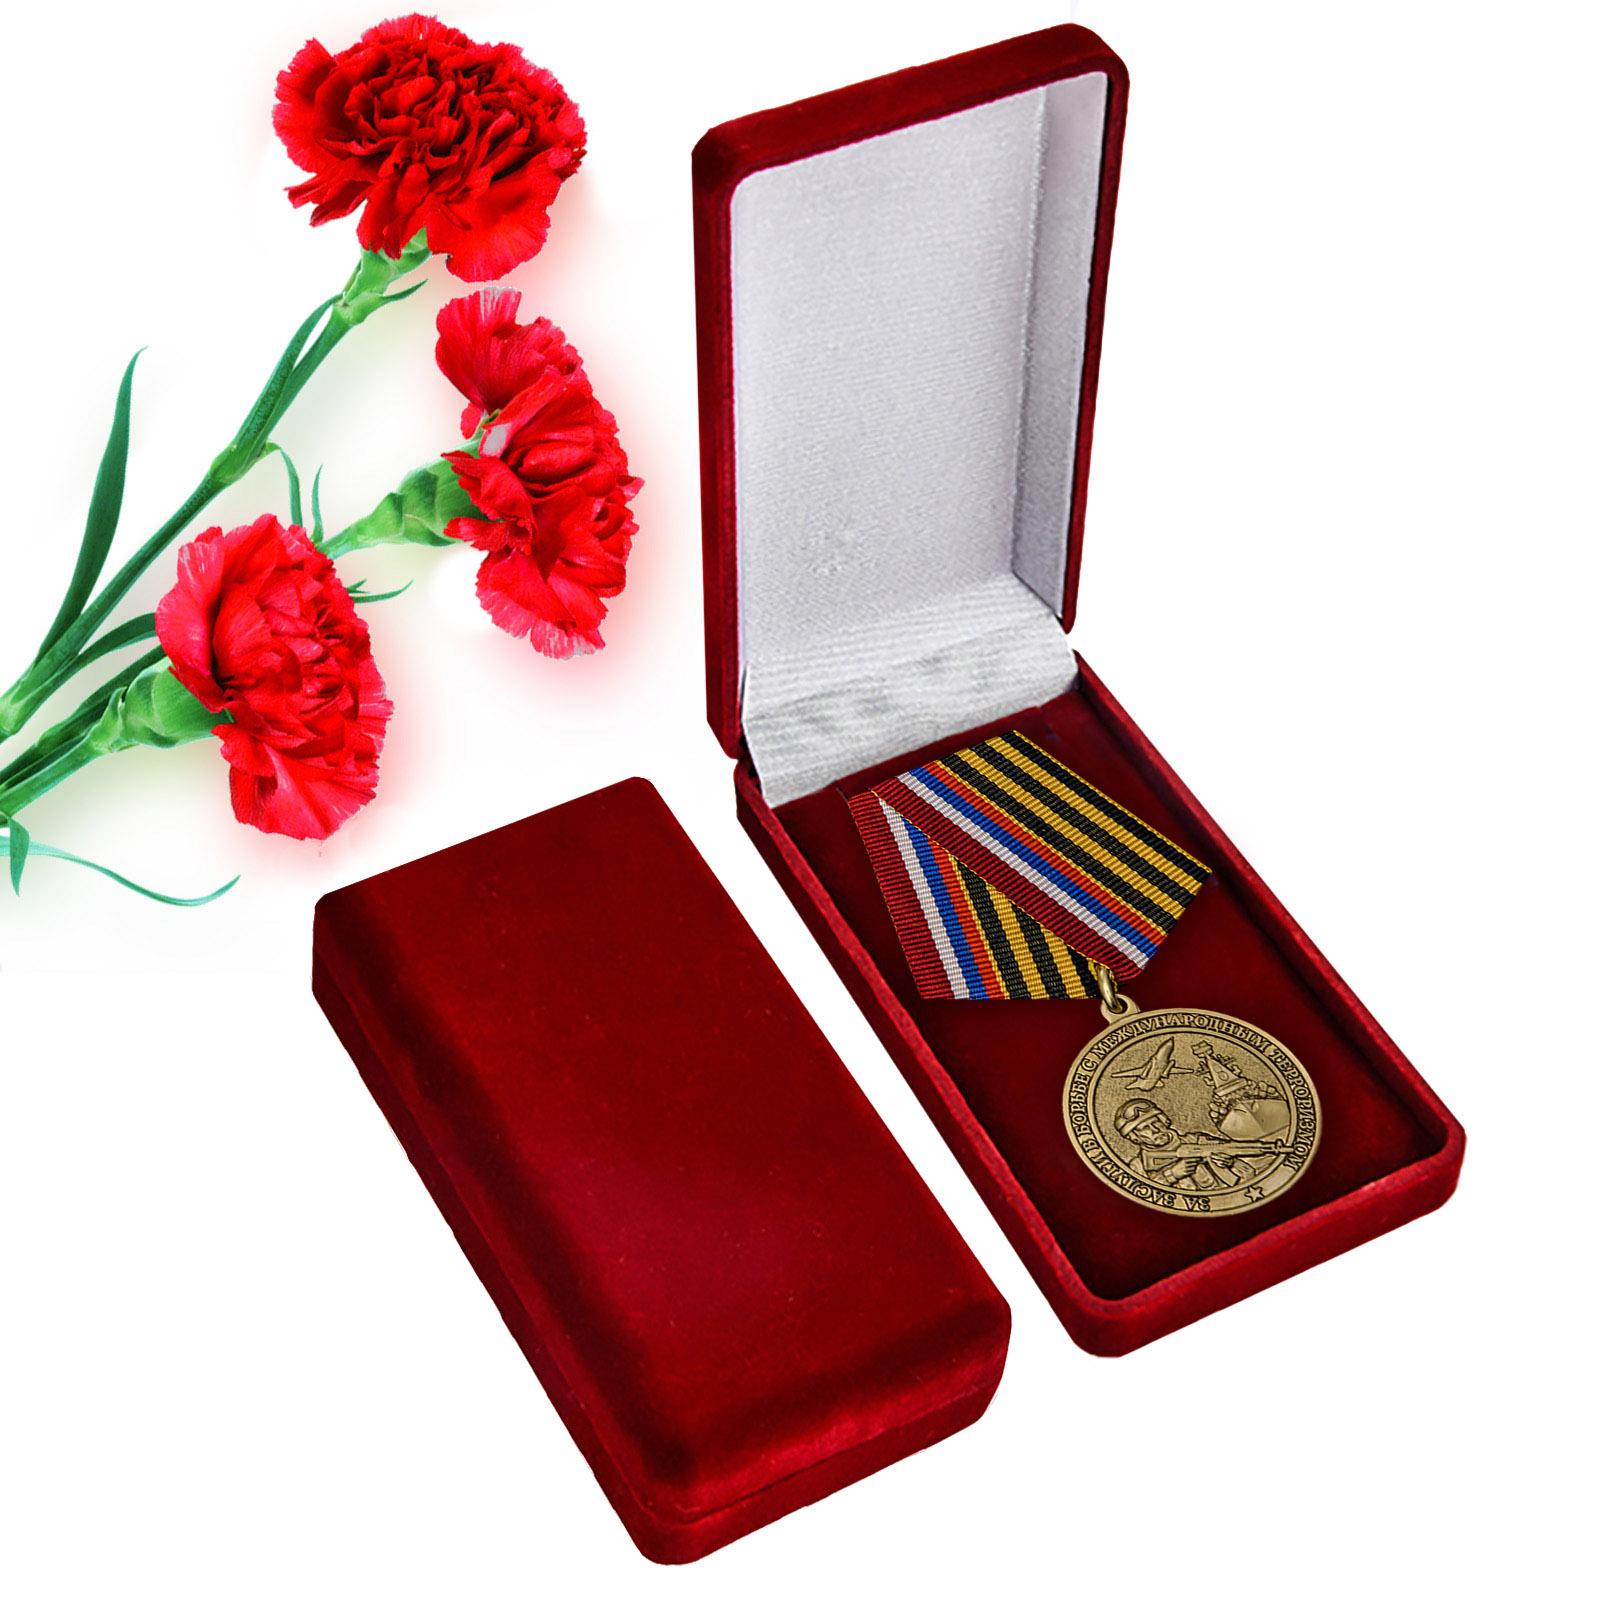 Купить медаль За заслуги в борьбе с международным терроризмом онлайн с доставкой